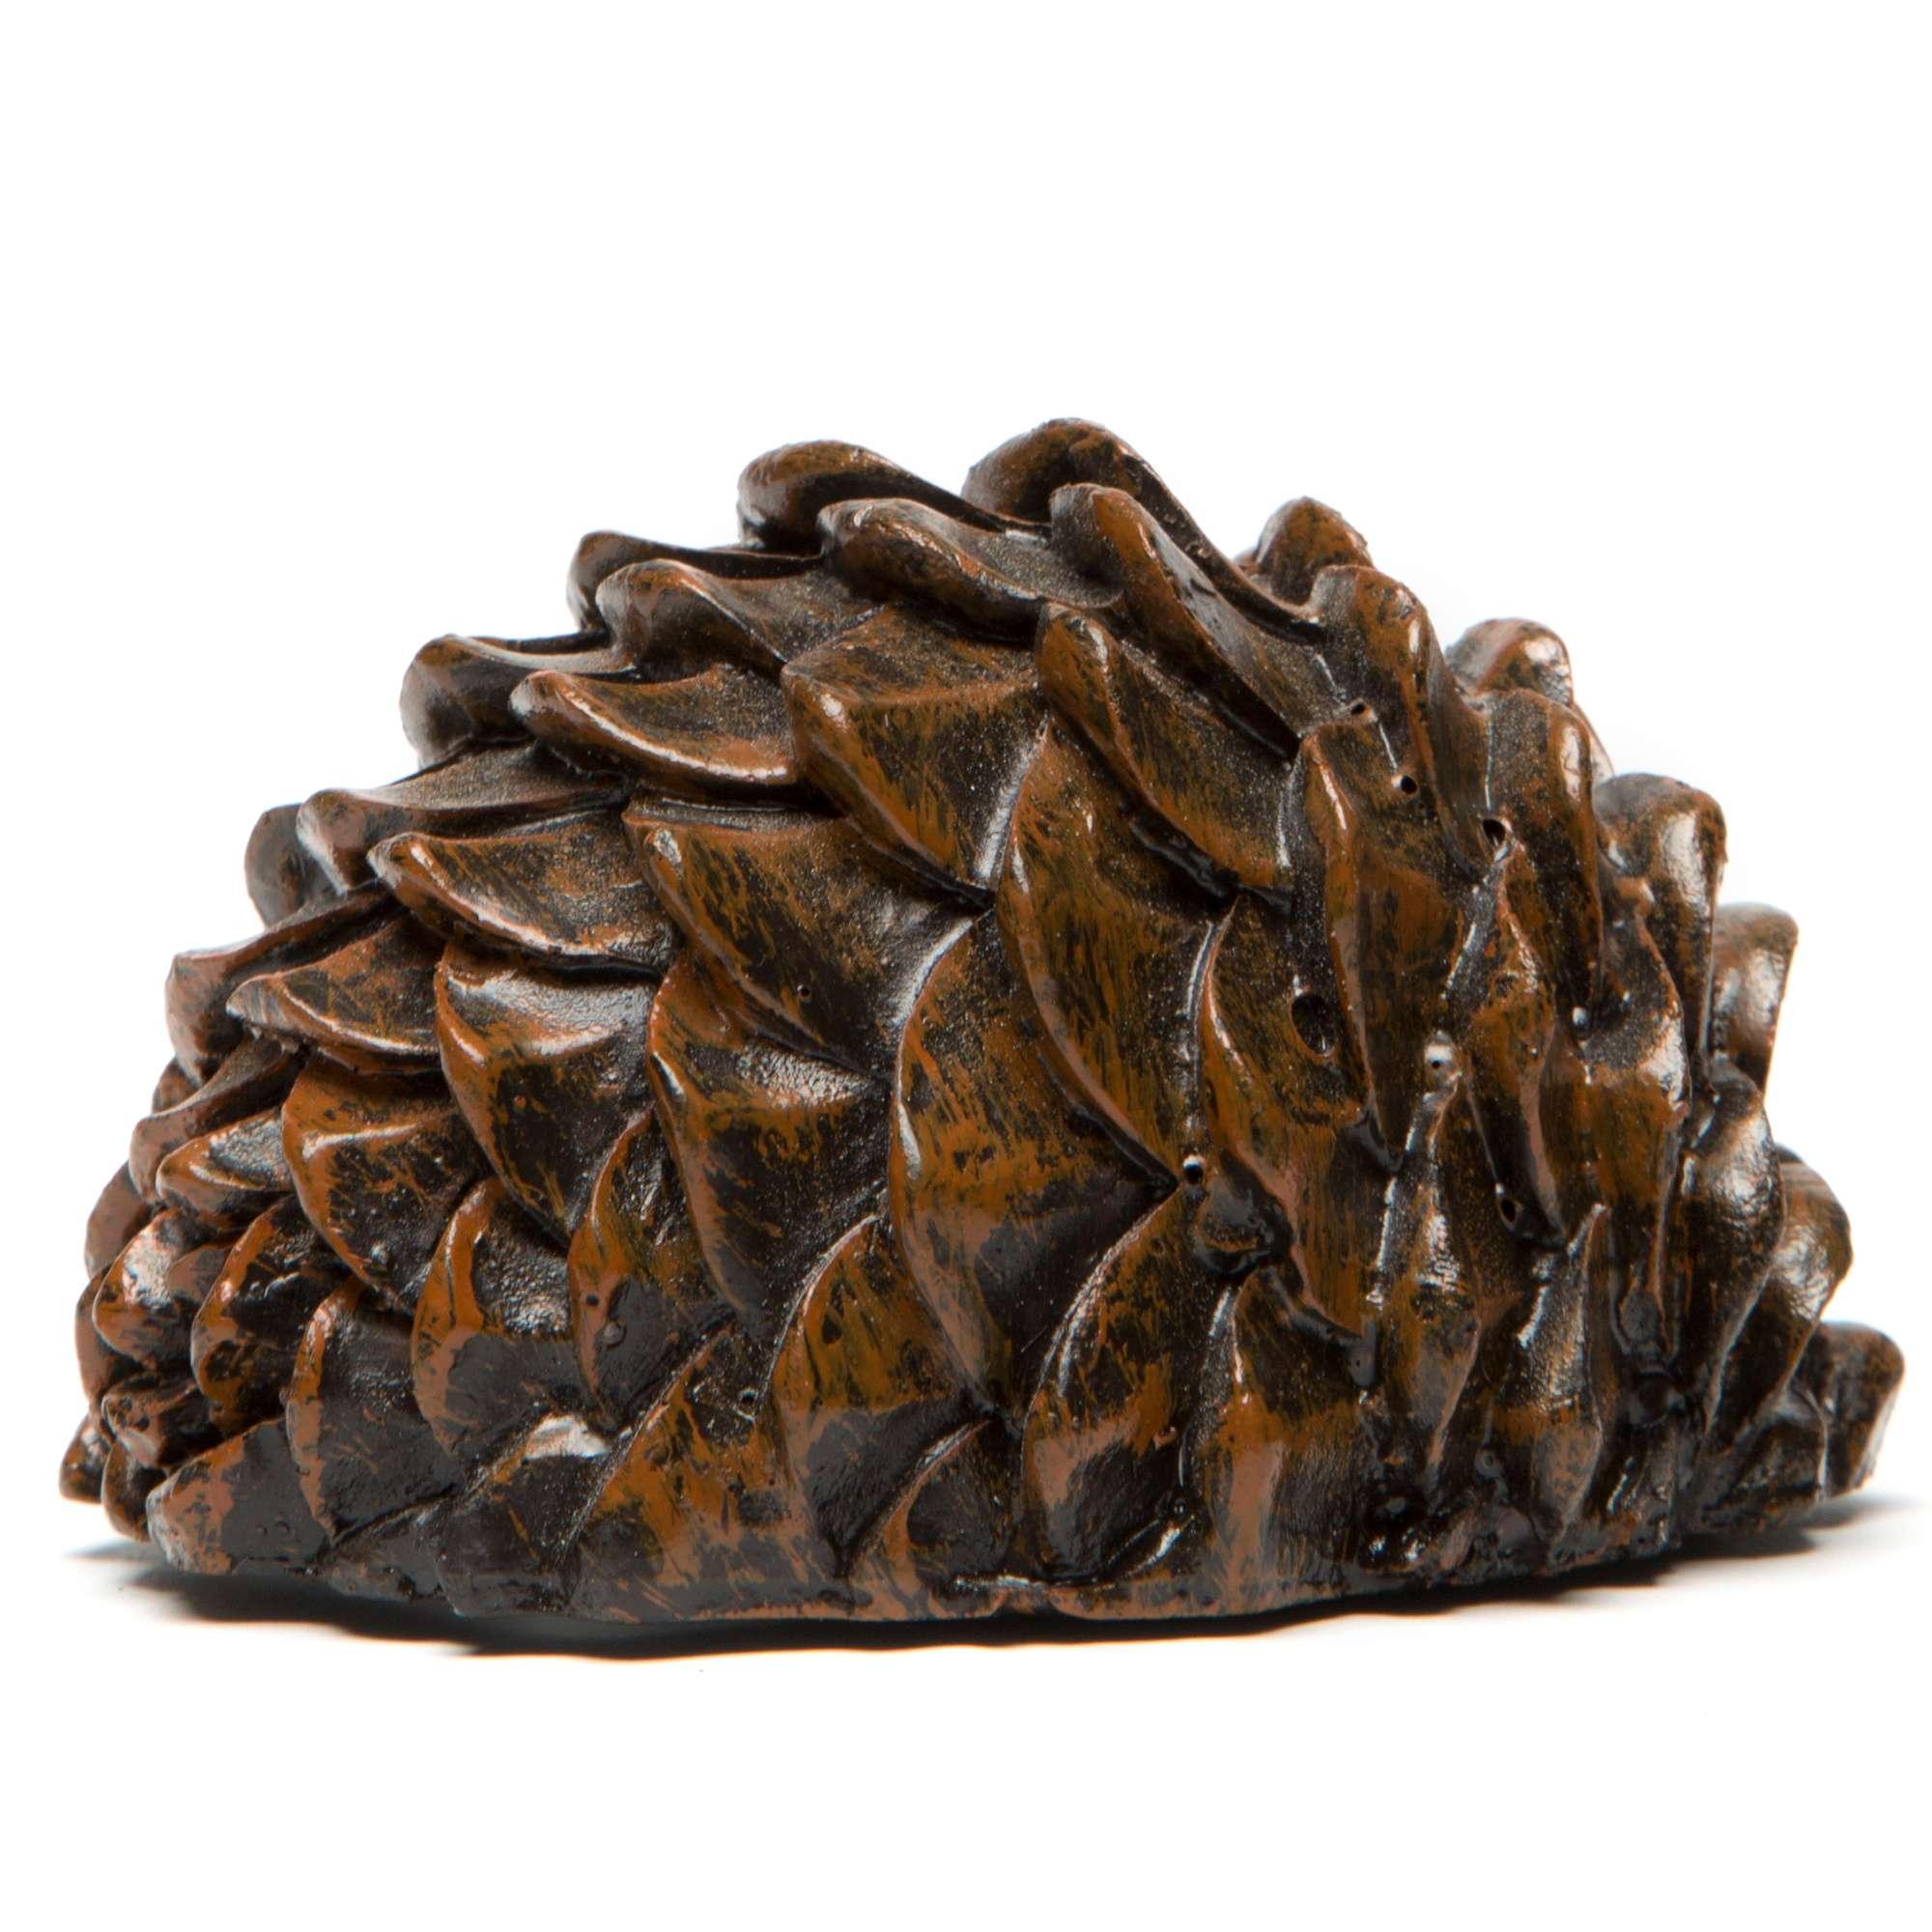 BOYZ TOYS Pine Cone Key Hider